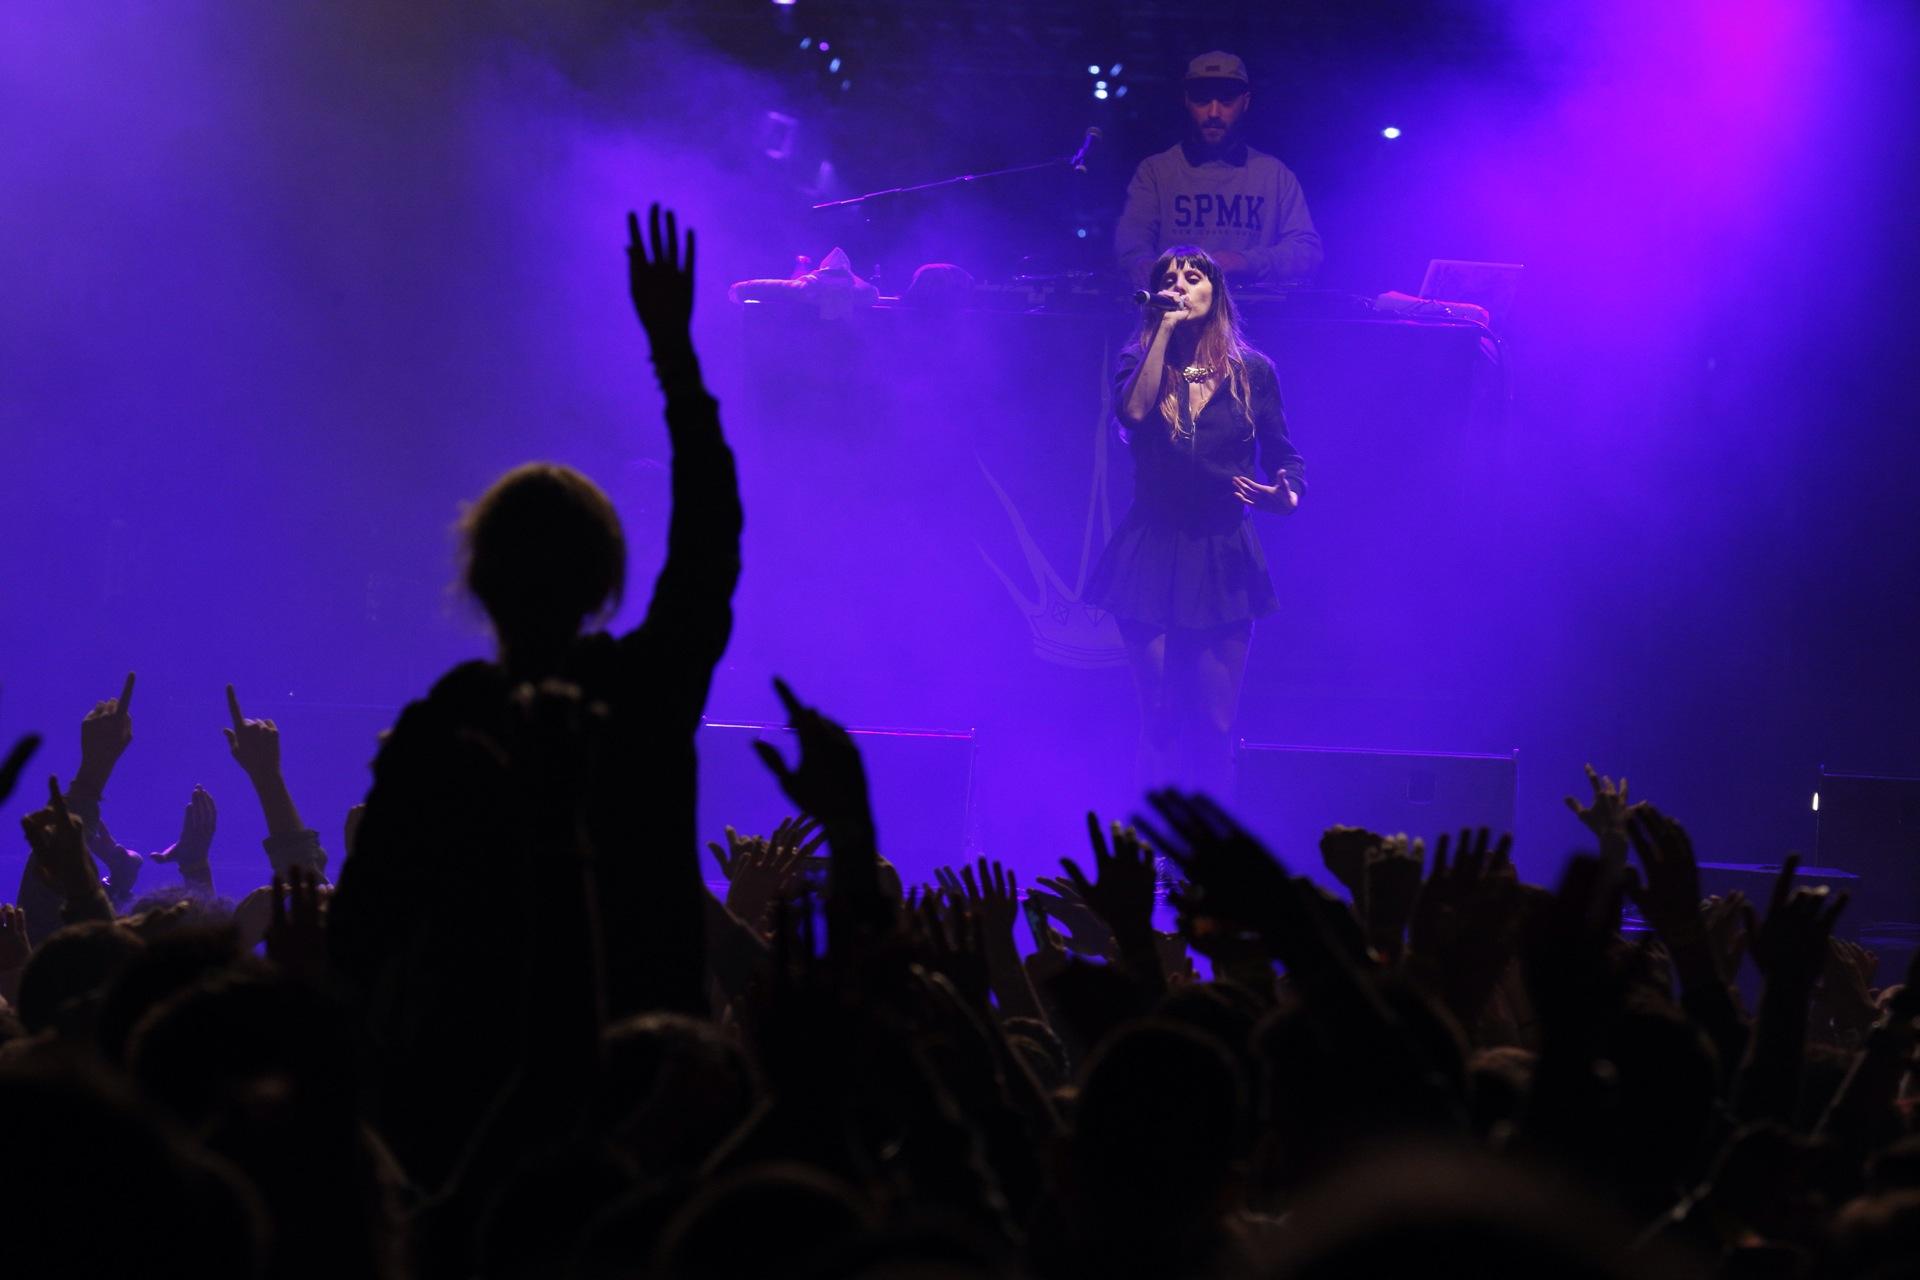 La rapera jerezana La Mala Rodríguez decidió convertir su concierto en una fiesta con el público subiendo al escenario al final. / Pepo Herrera